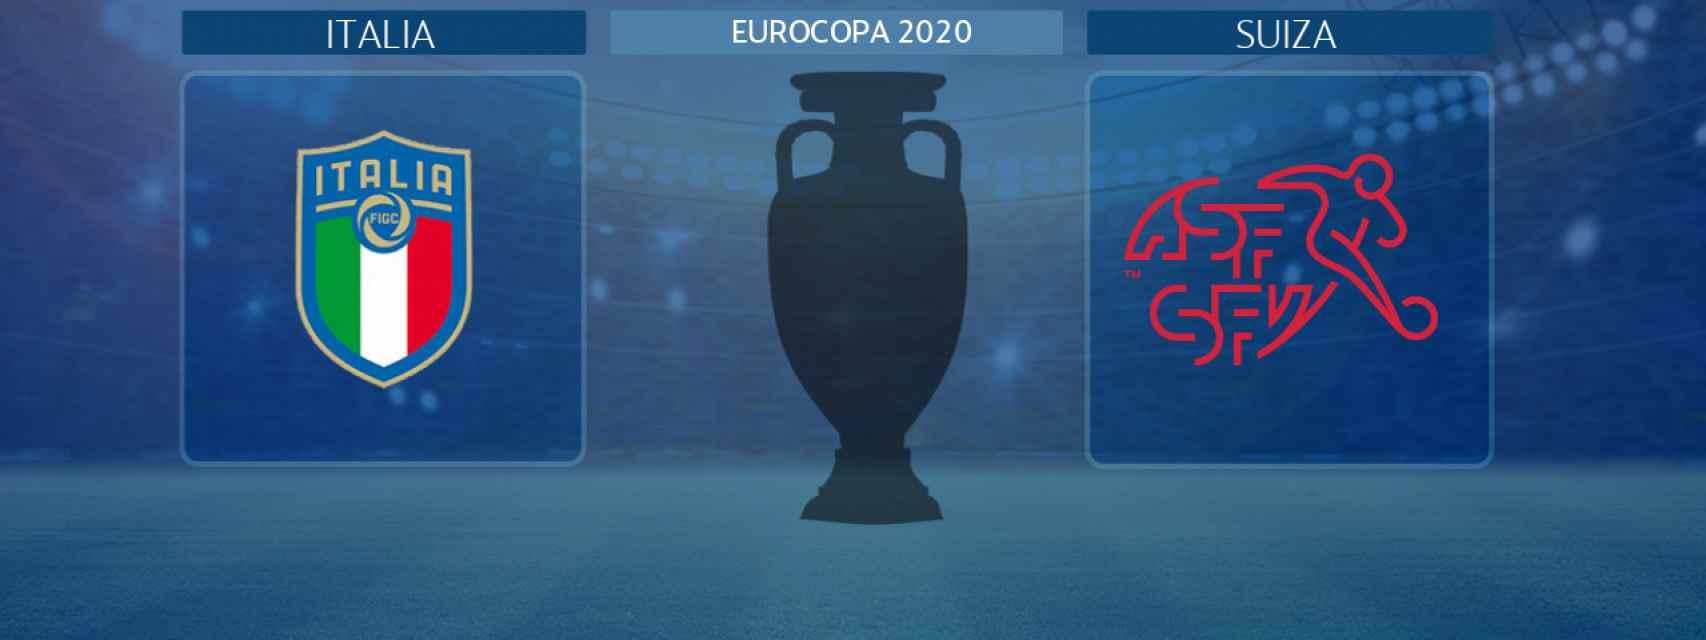 Italia - Suiza, partido de la Eurocopa 2020